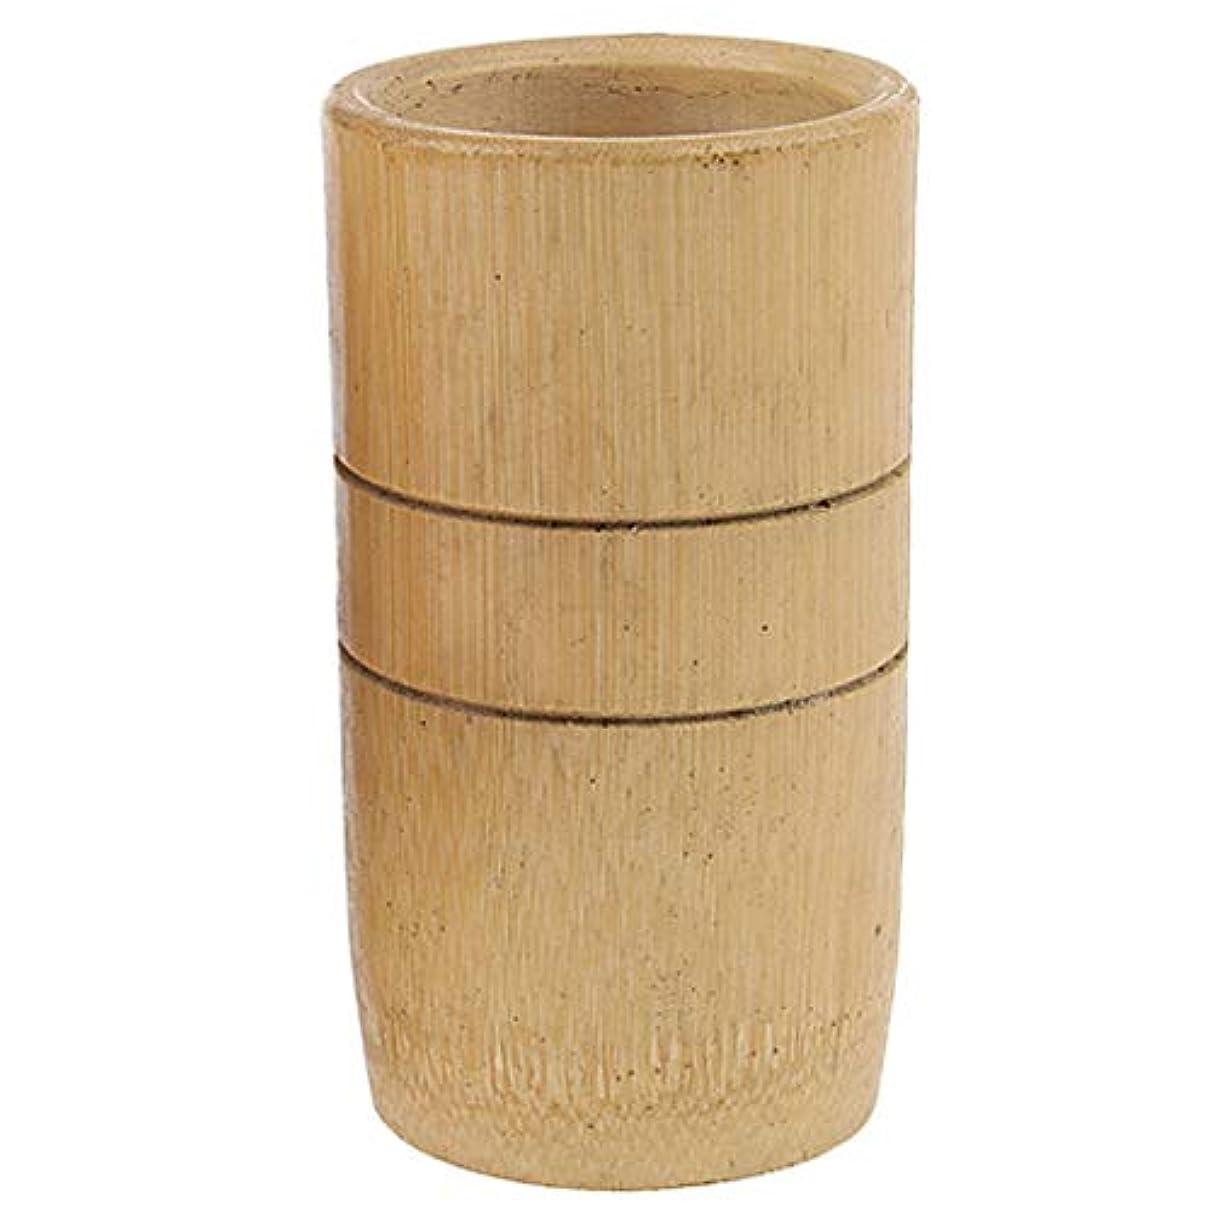 バインド航空錆びHellery 2個 マッサージ吸い玉 カッピング 天然竹製 全身マッサージ用 血流促進